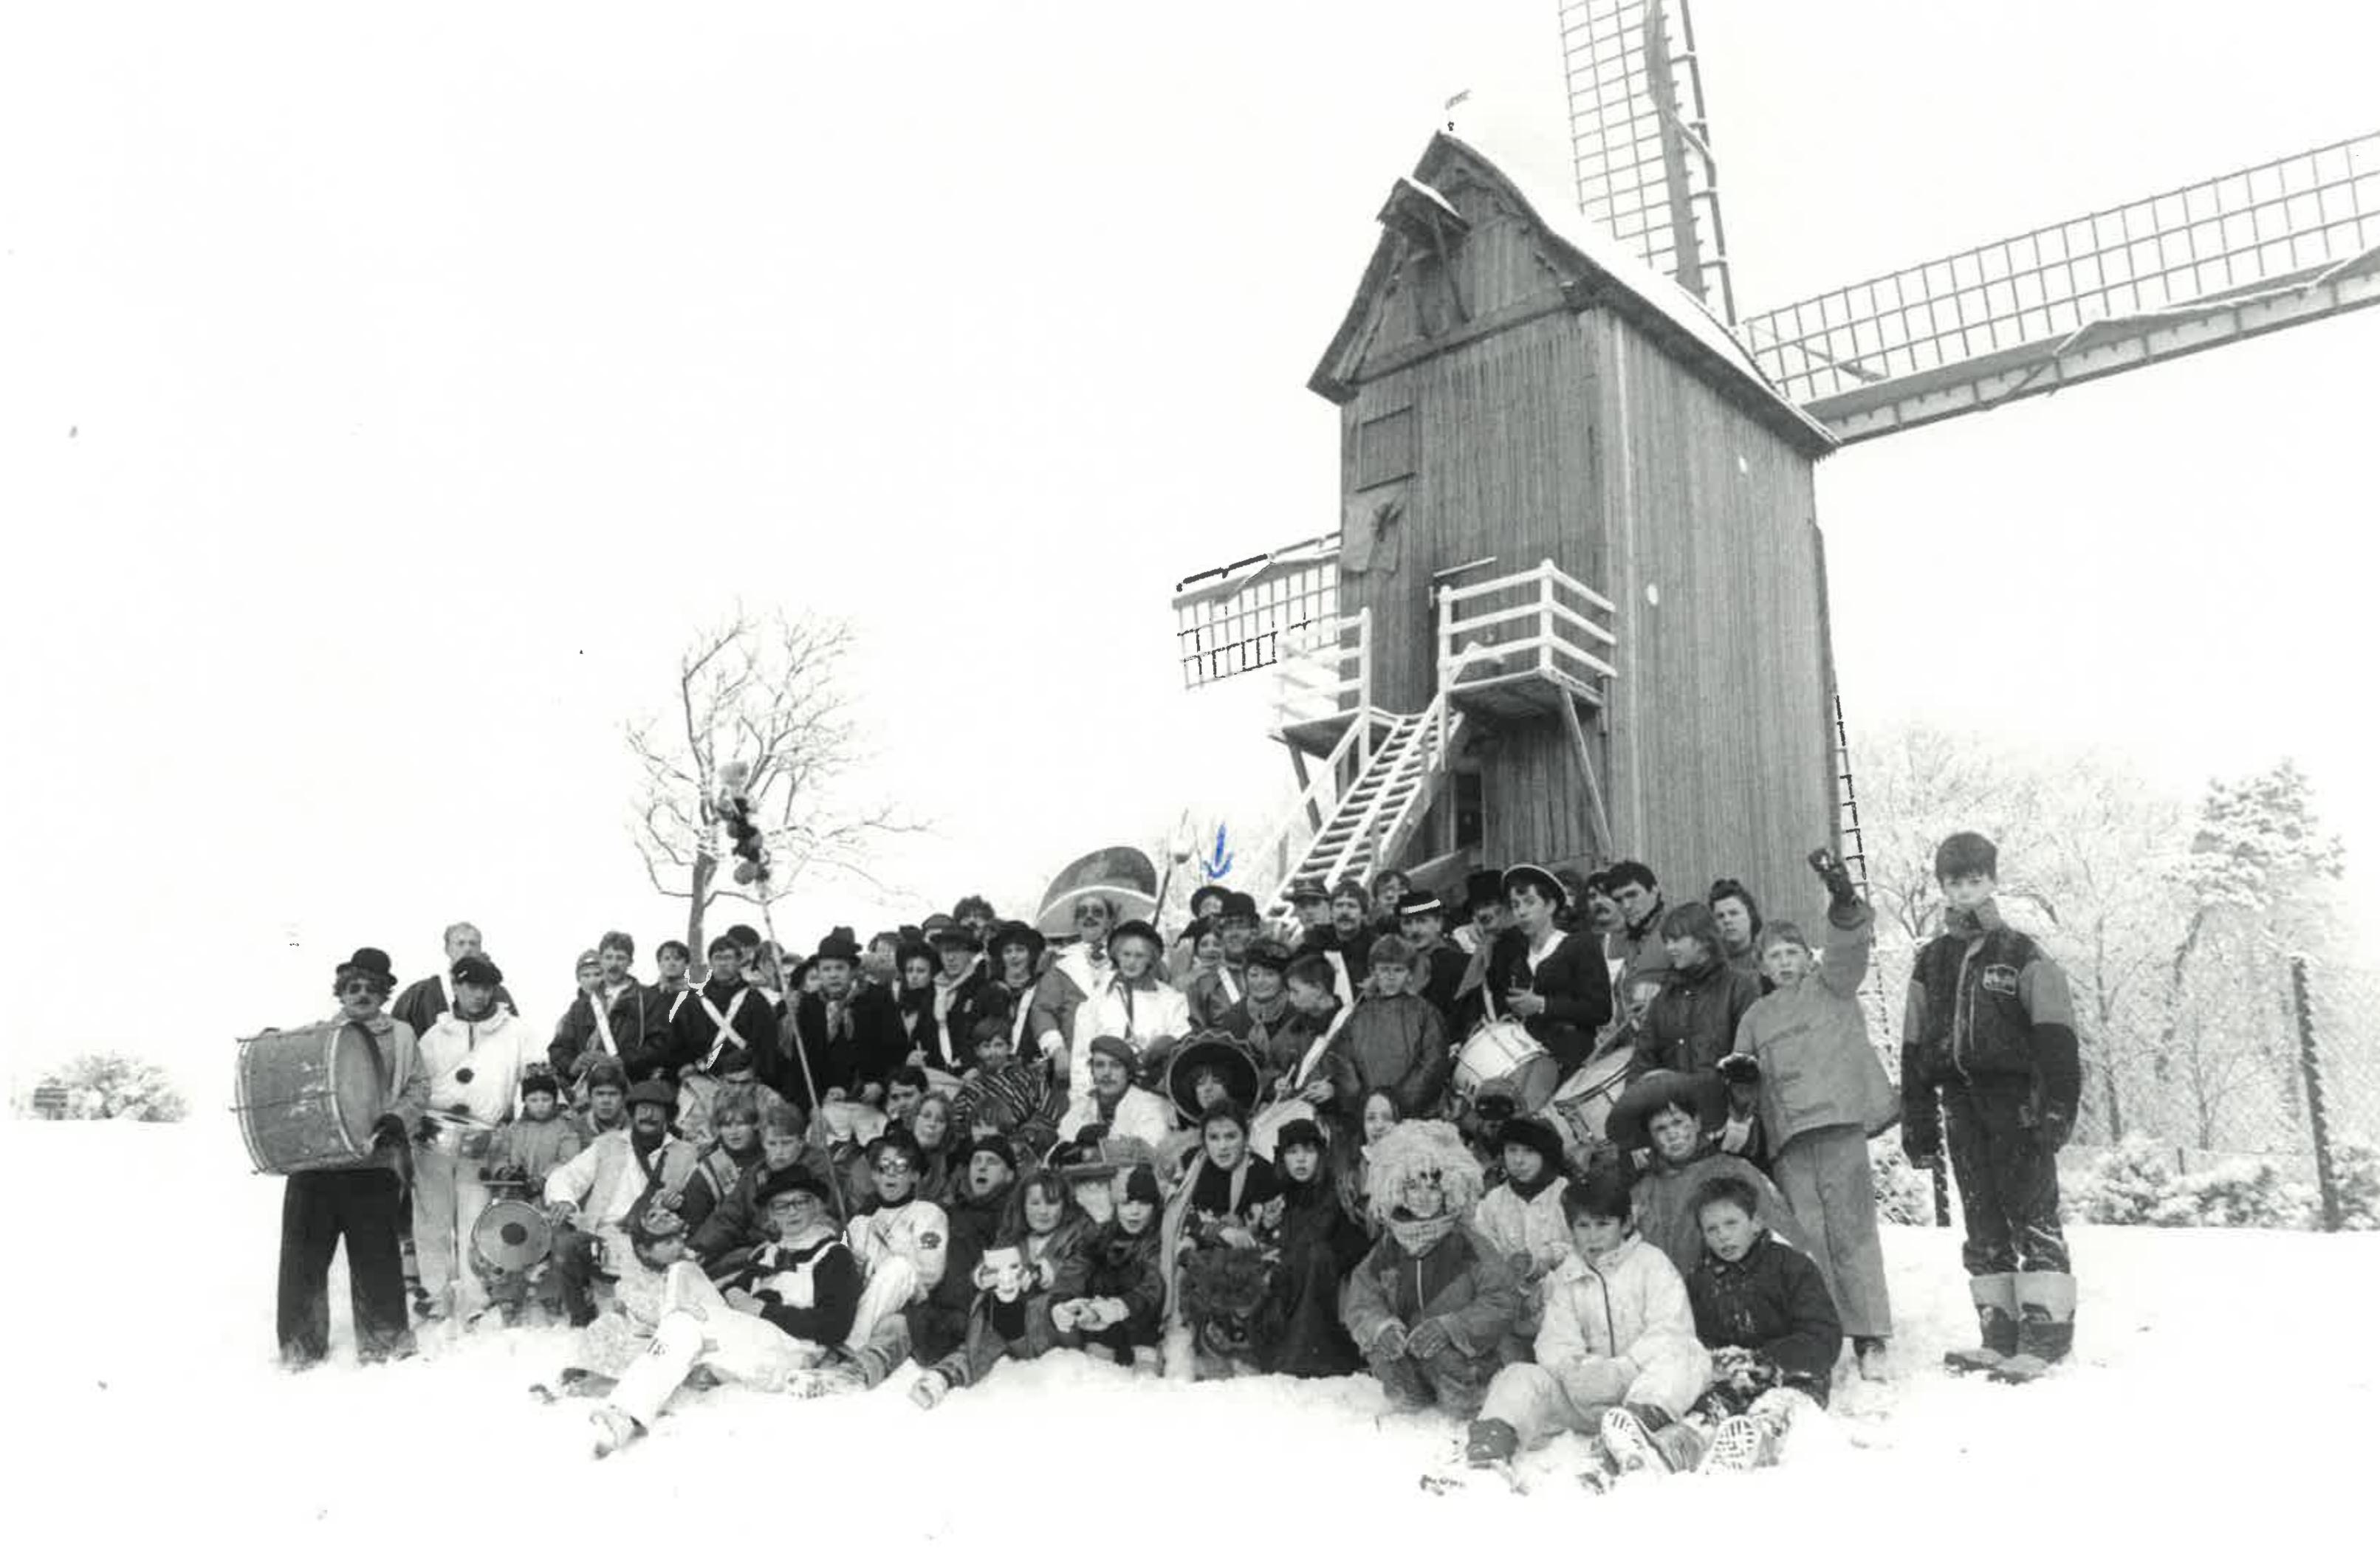 Carnaval d'hiver sous la neige 1991